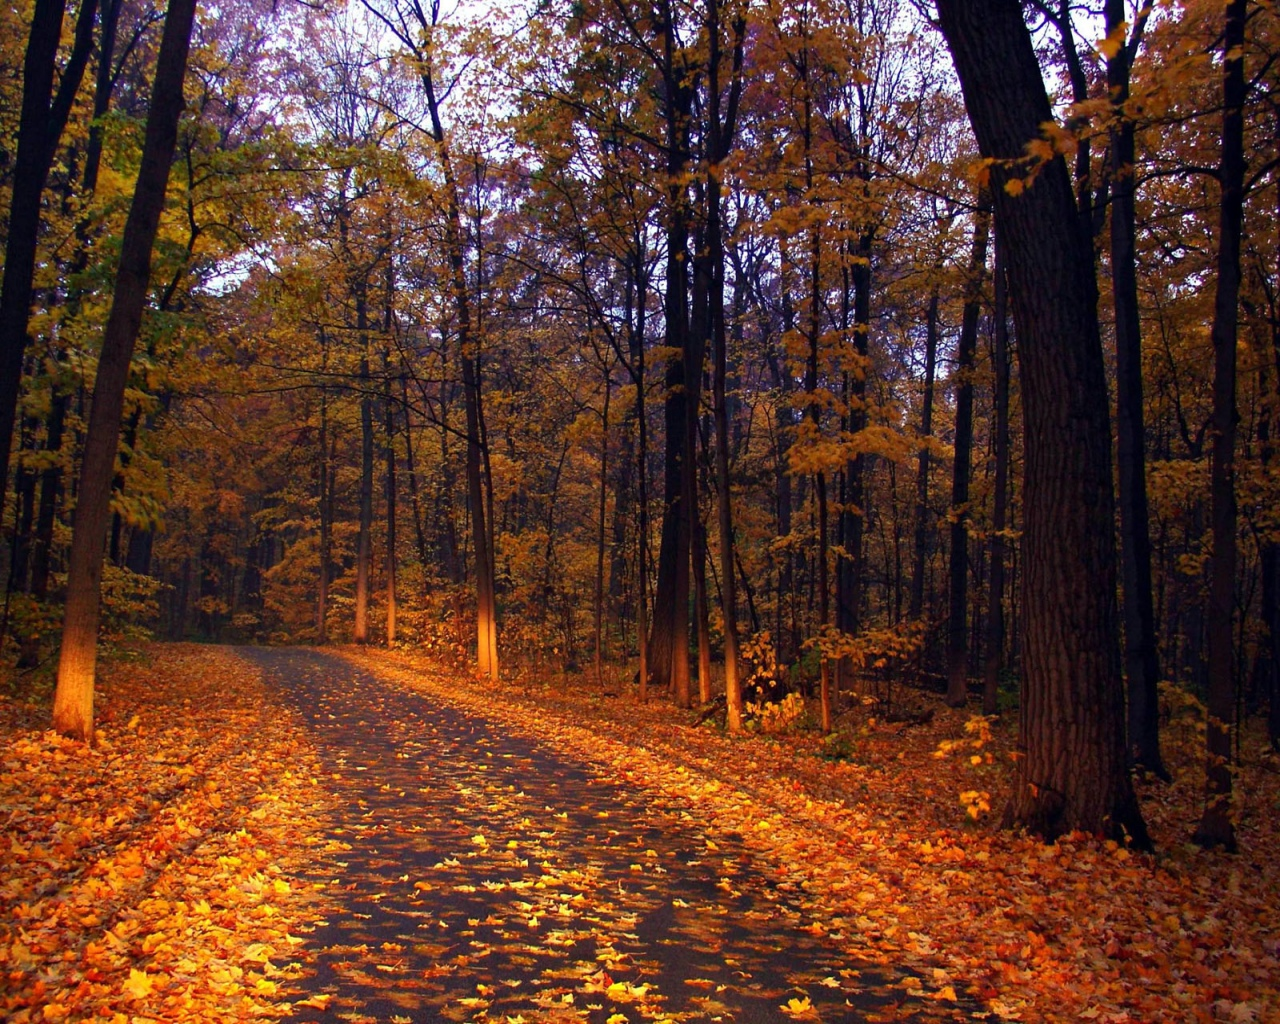 осень, дорога, сырость, опавшая листва, обои, красивое фото